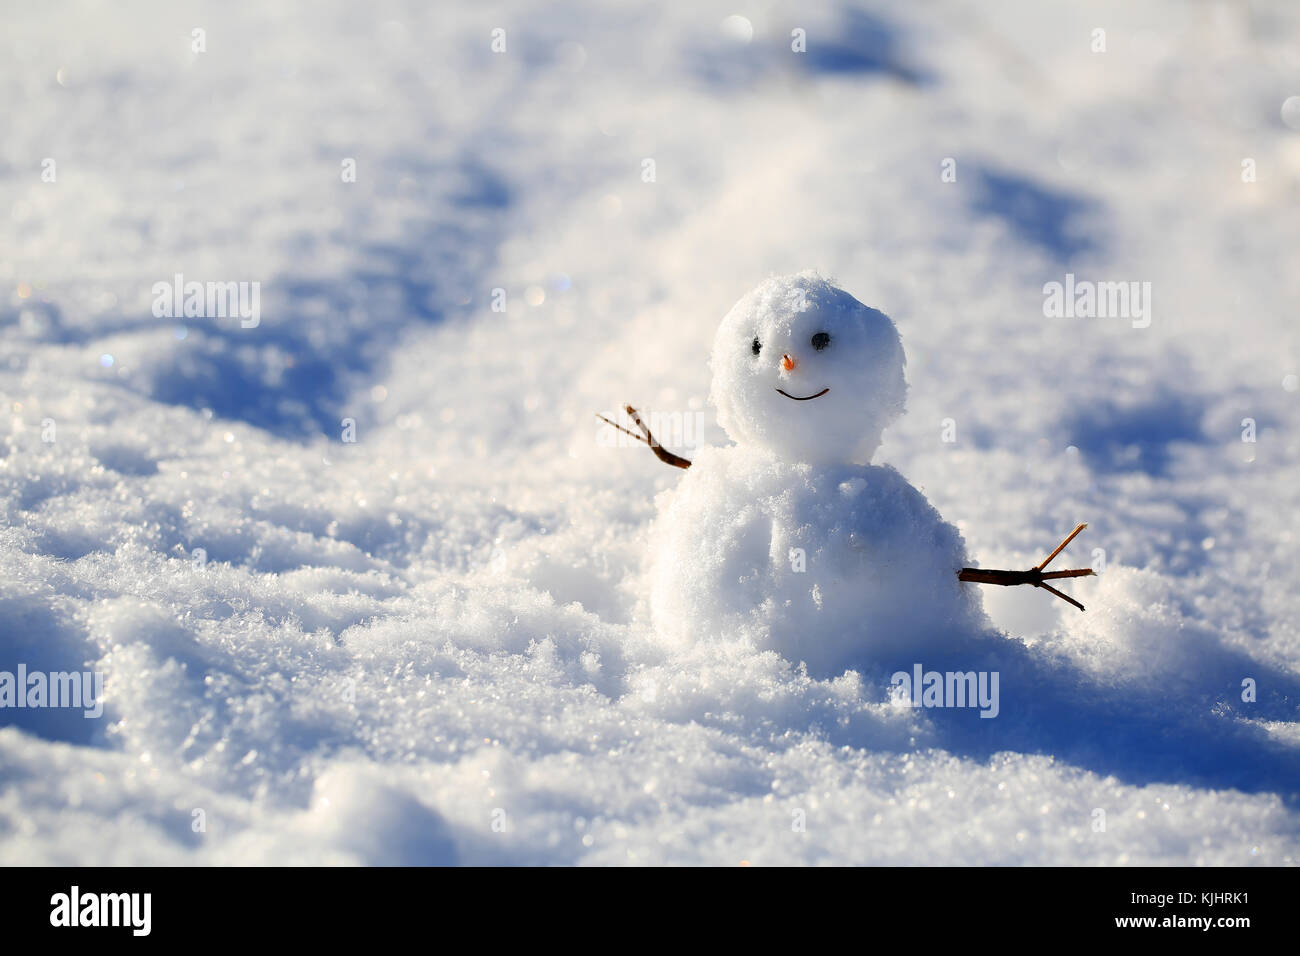 Schnee Lustige Bilder.Lustige Schneemann Auf Dem Schnee Hintergrund Stockfoto